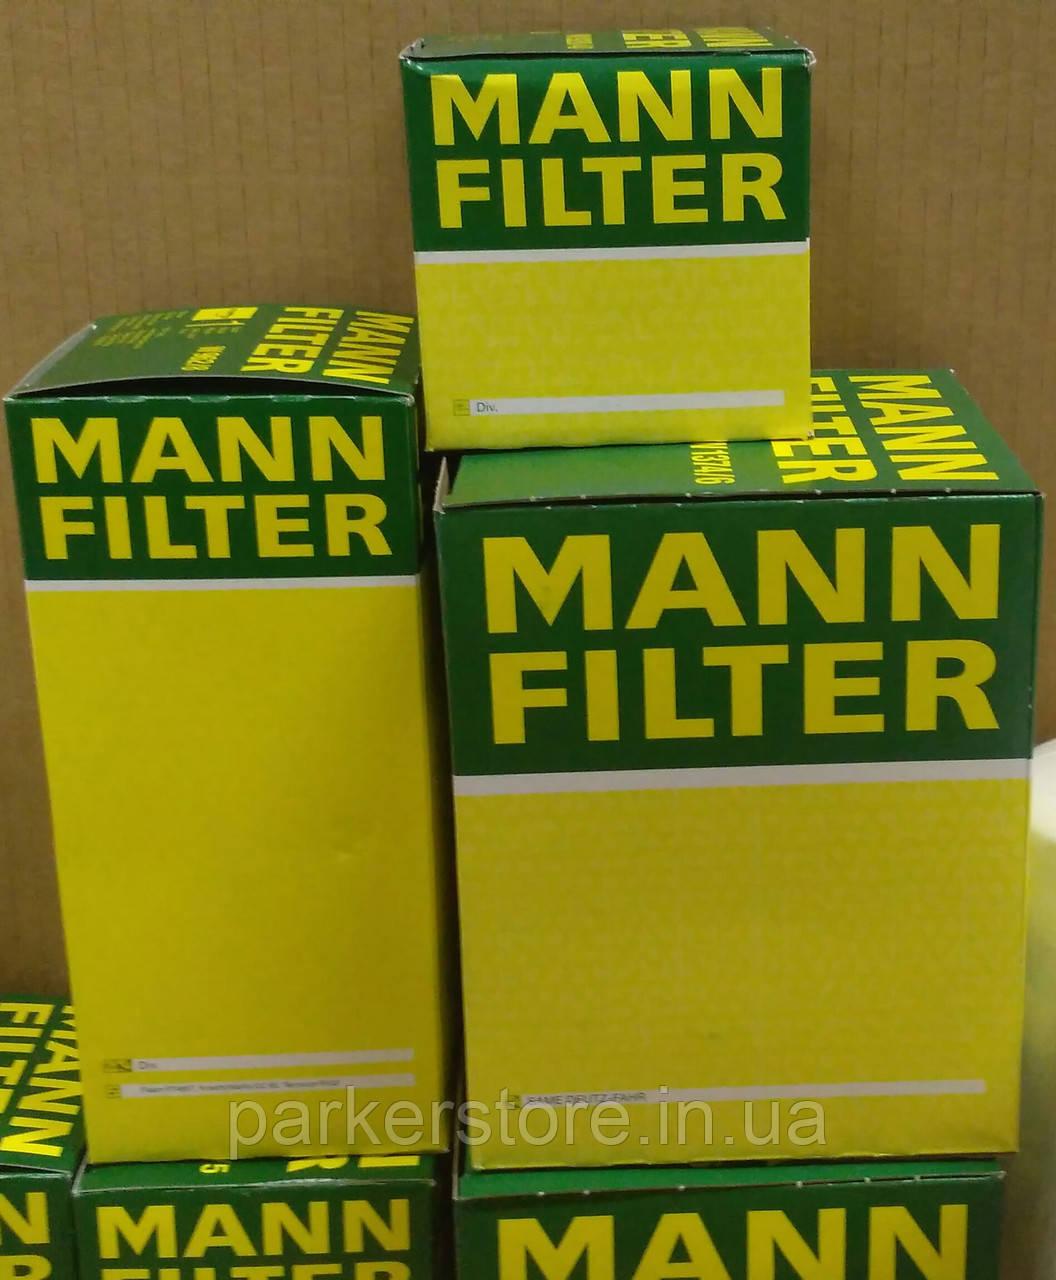 MANN FILTER / Воздушный фильтр / C 2859 / C2859